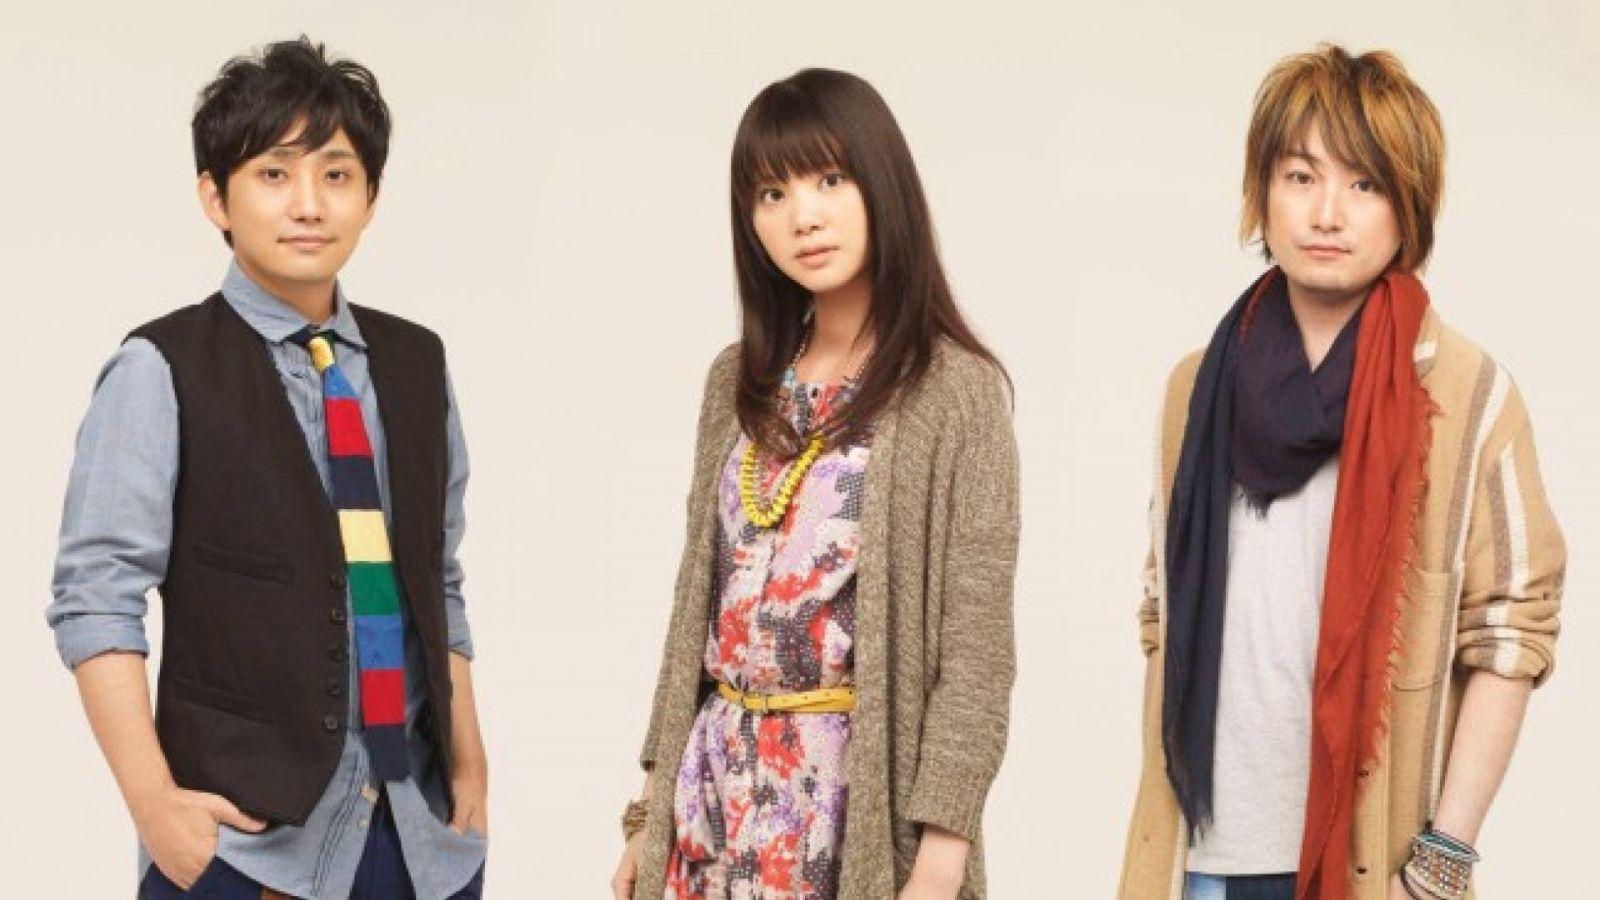 Ikimono-gakari © Ikimono-gakari / e-talentbank